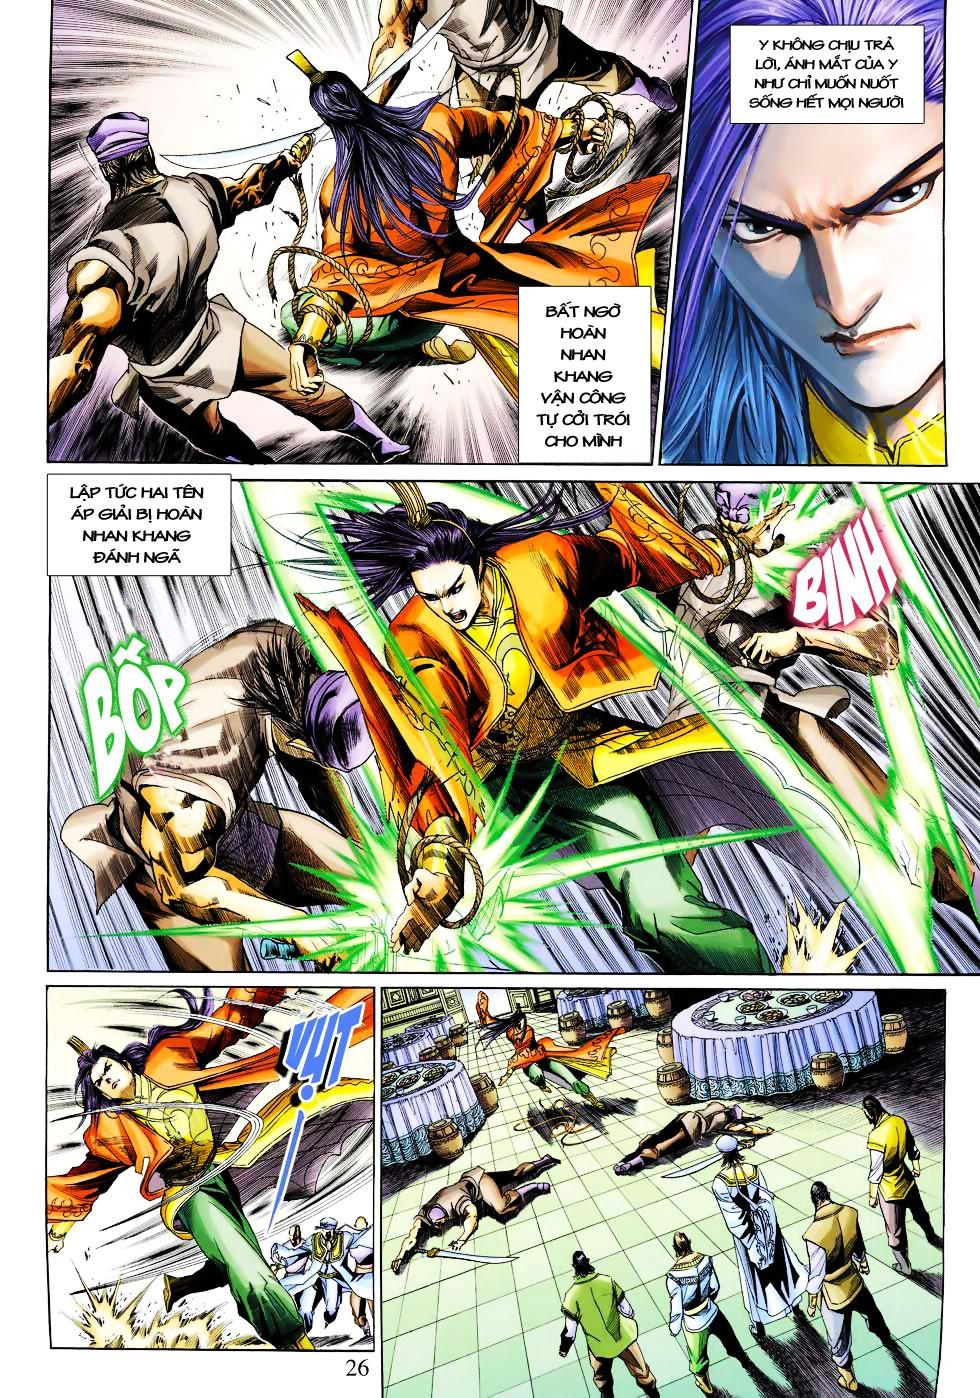 Anh Hùng Xạ Điêu anh hùng xạ đêu chap 27 trang 26